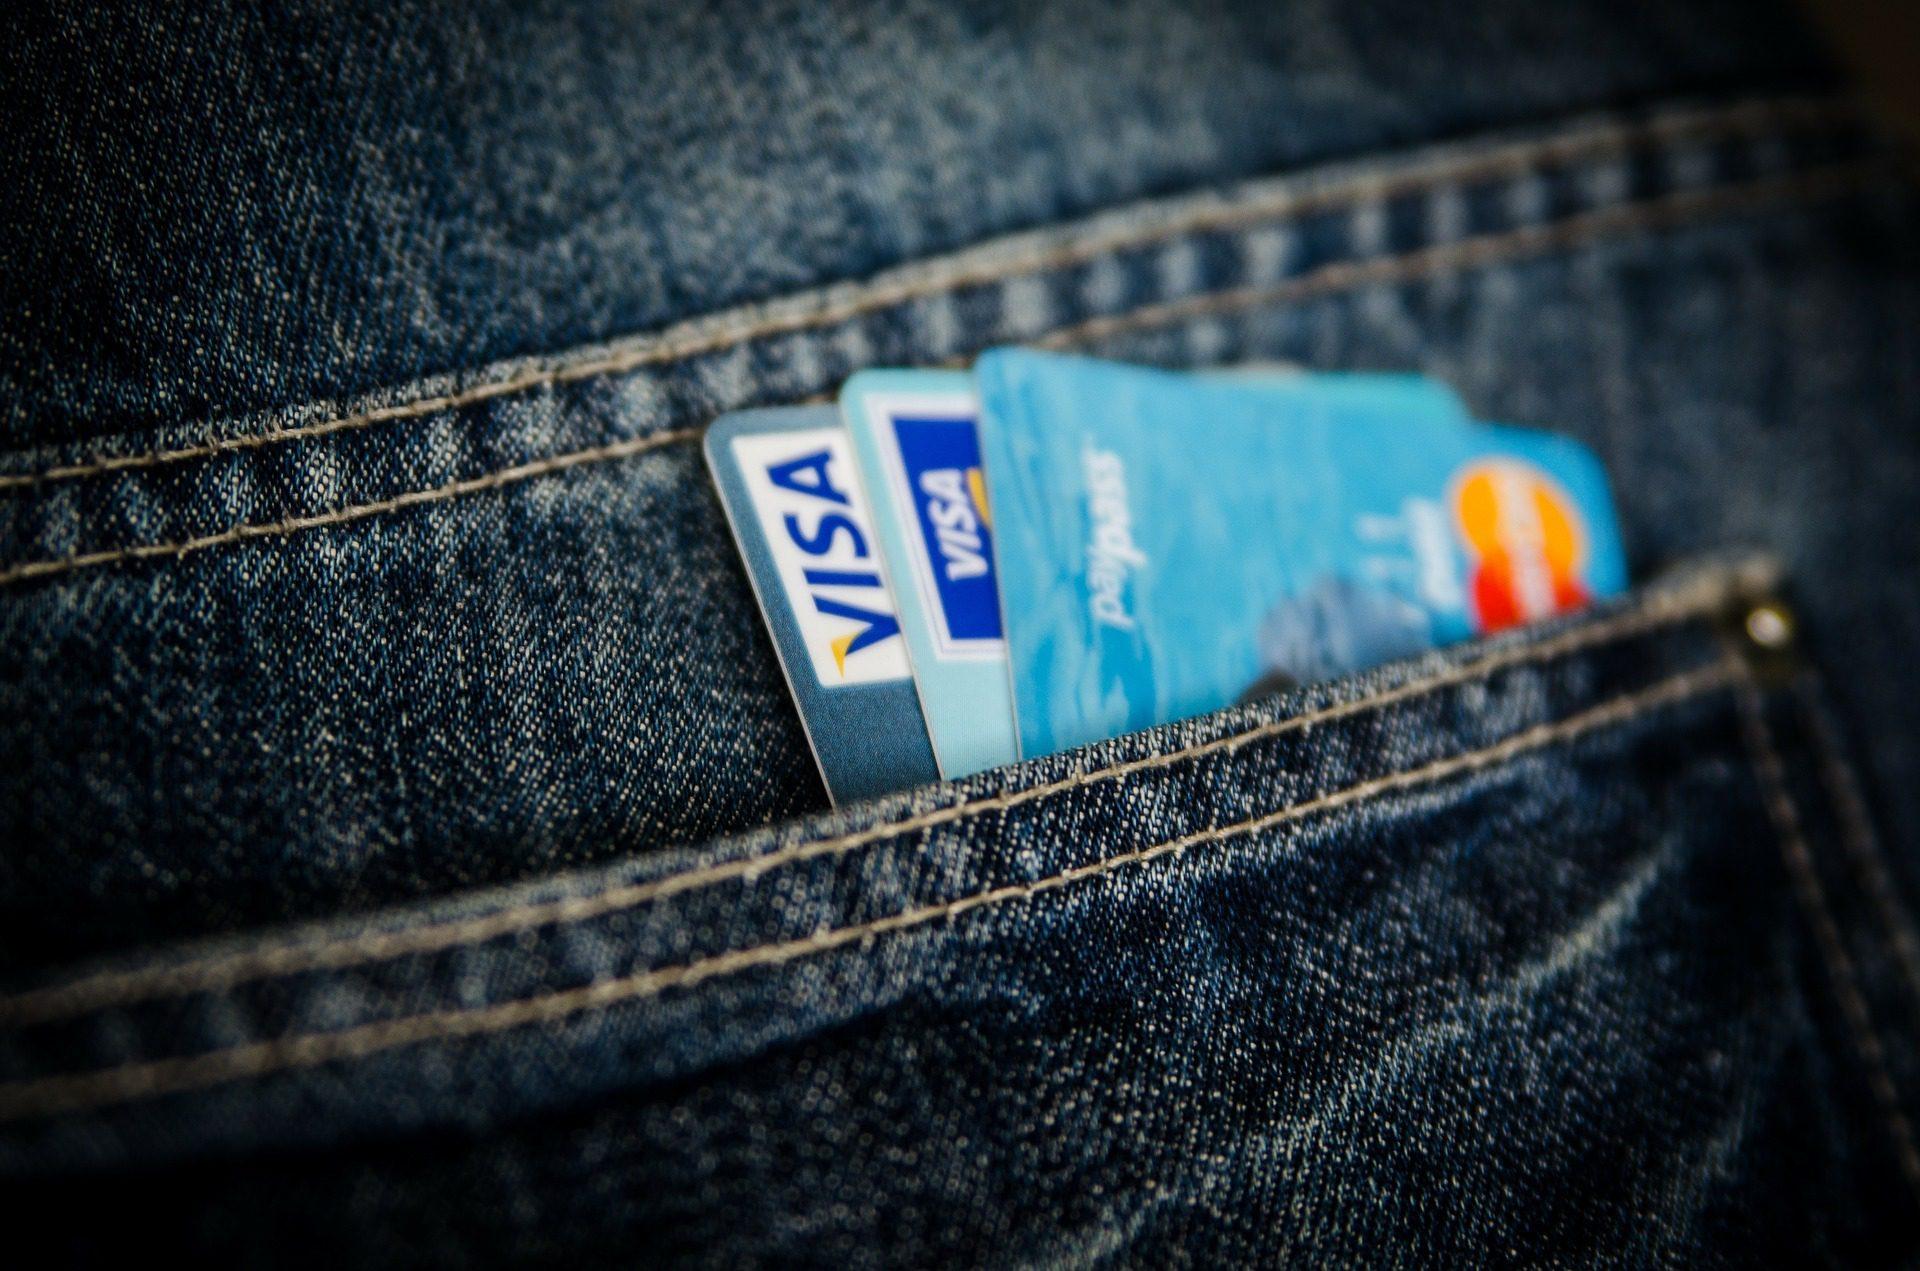 Visa mastercard criptomonedas